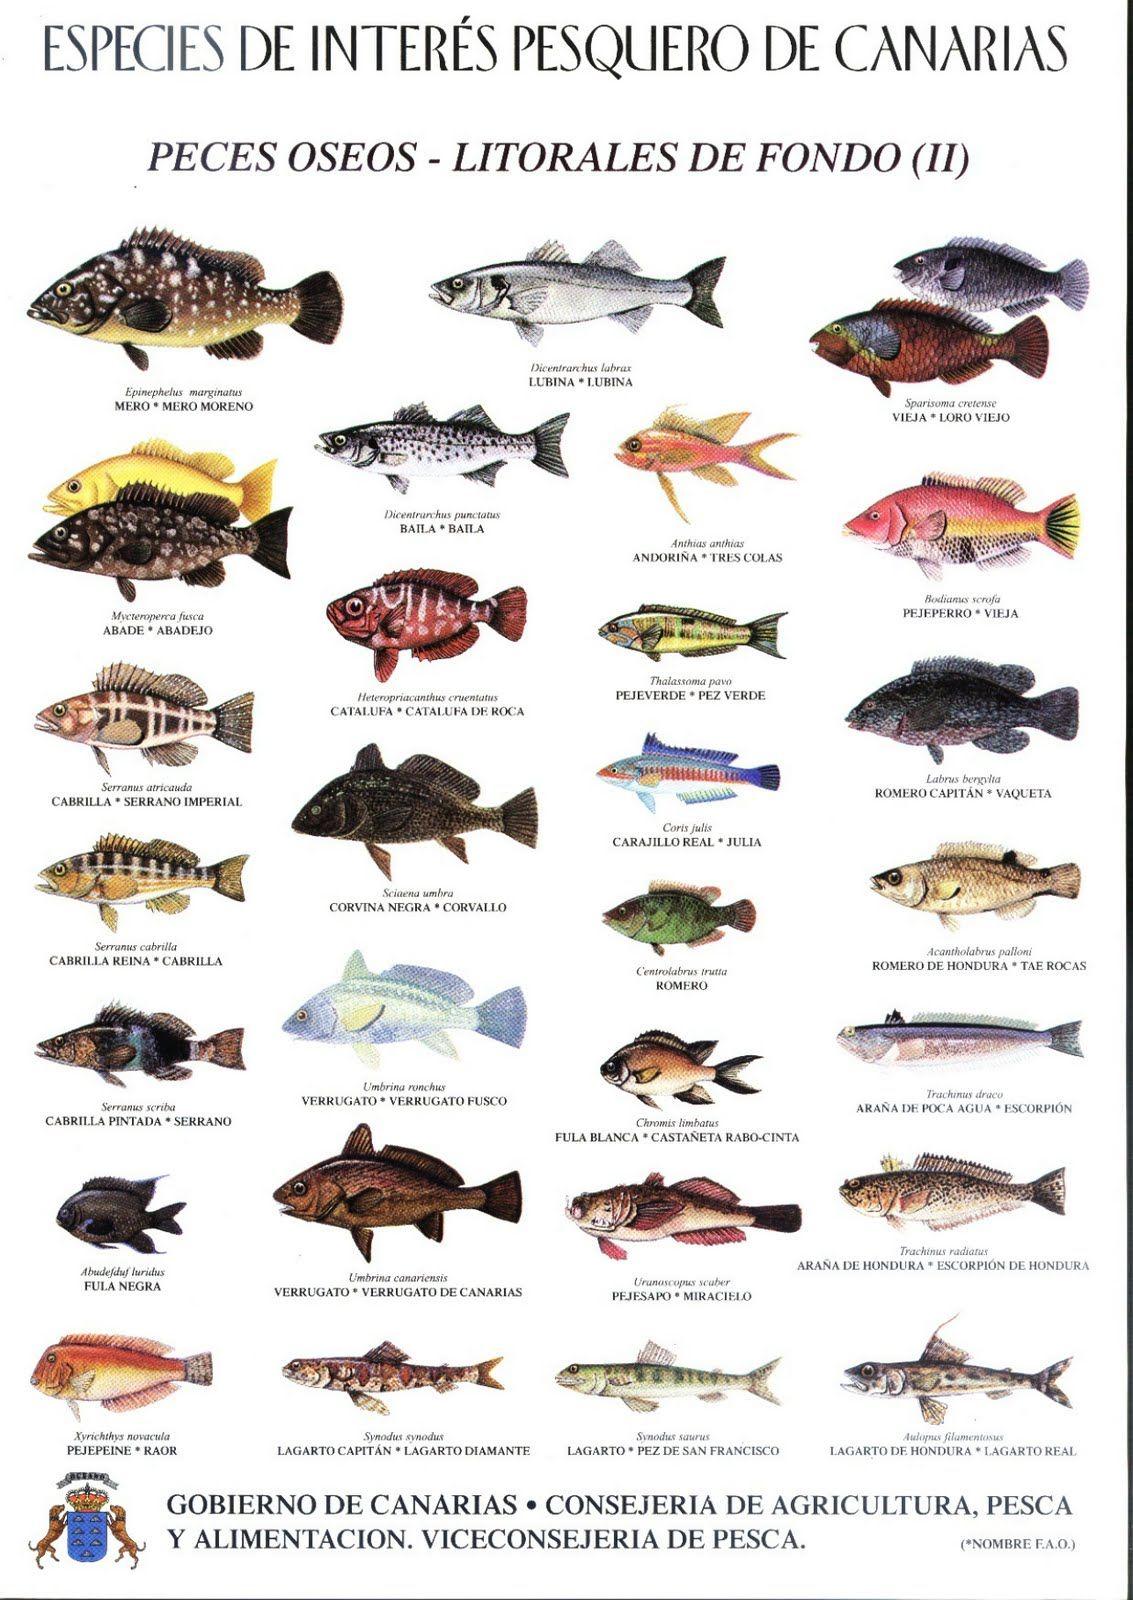 Aqu les dejo las especies de peces que se encuentran en for Especies de peces